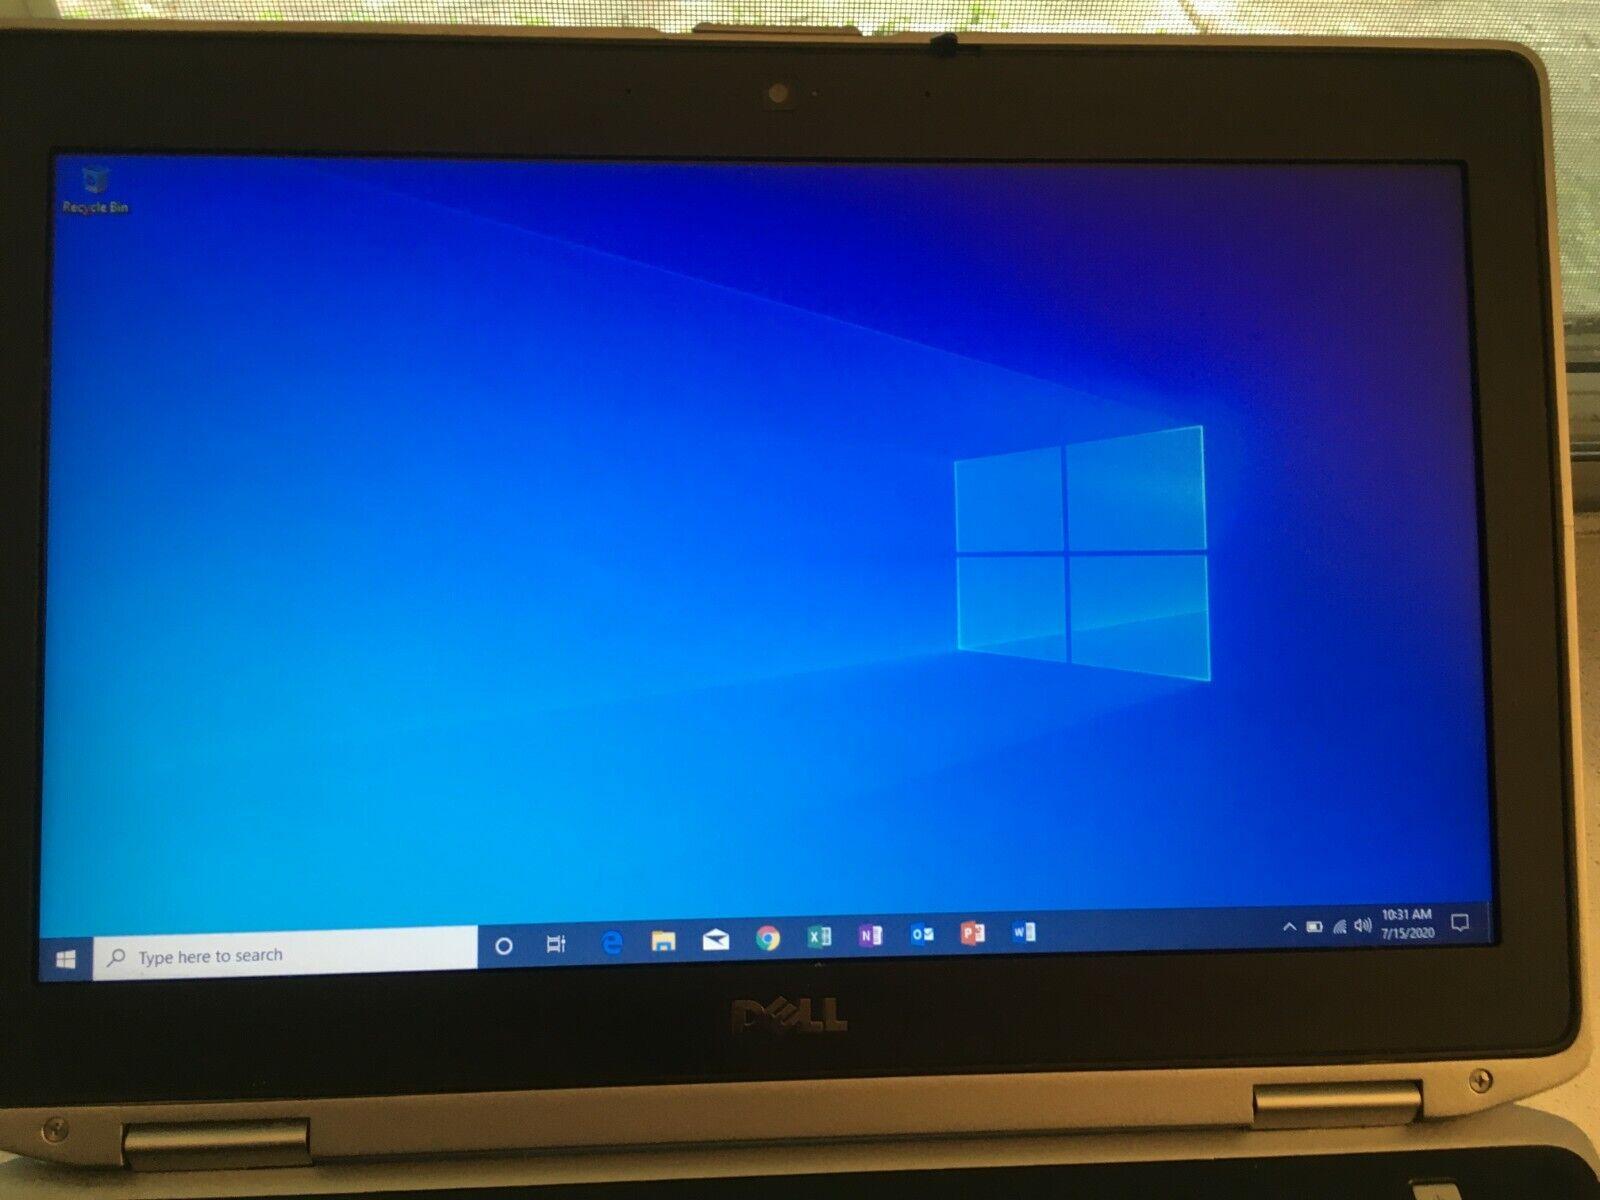 Dell Latitude E6420 Windows 10 Pro, 8GB Ram, 240GB SSD, MS Office